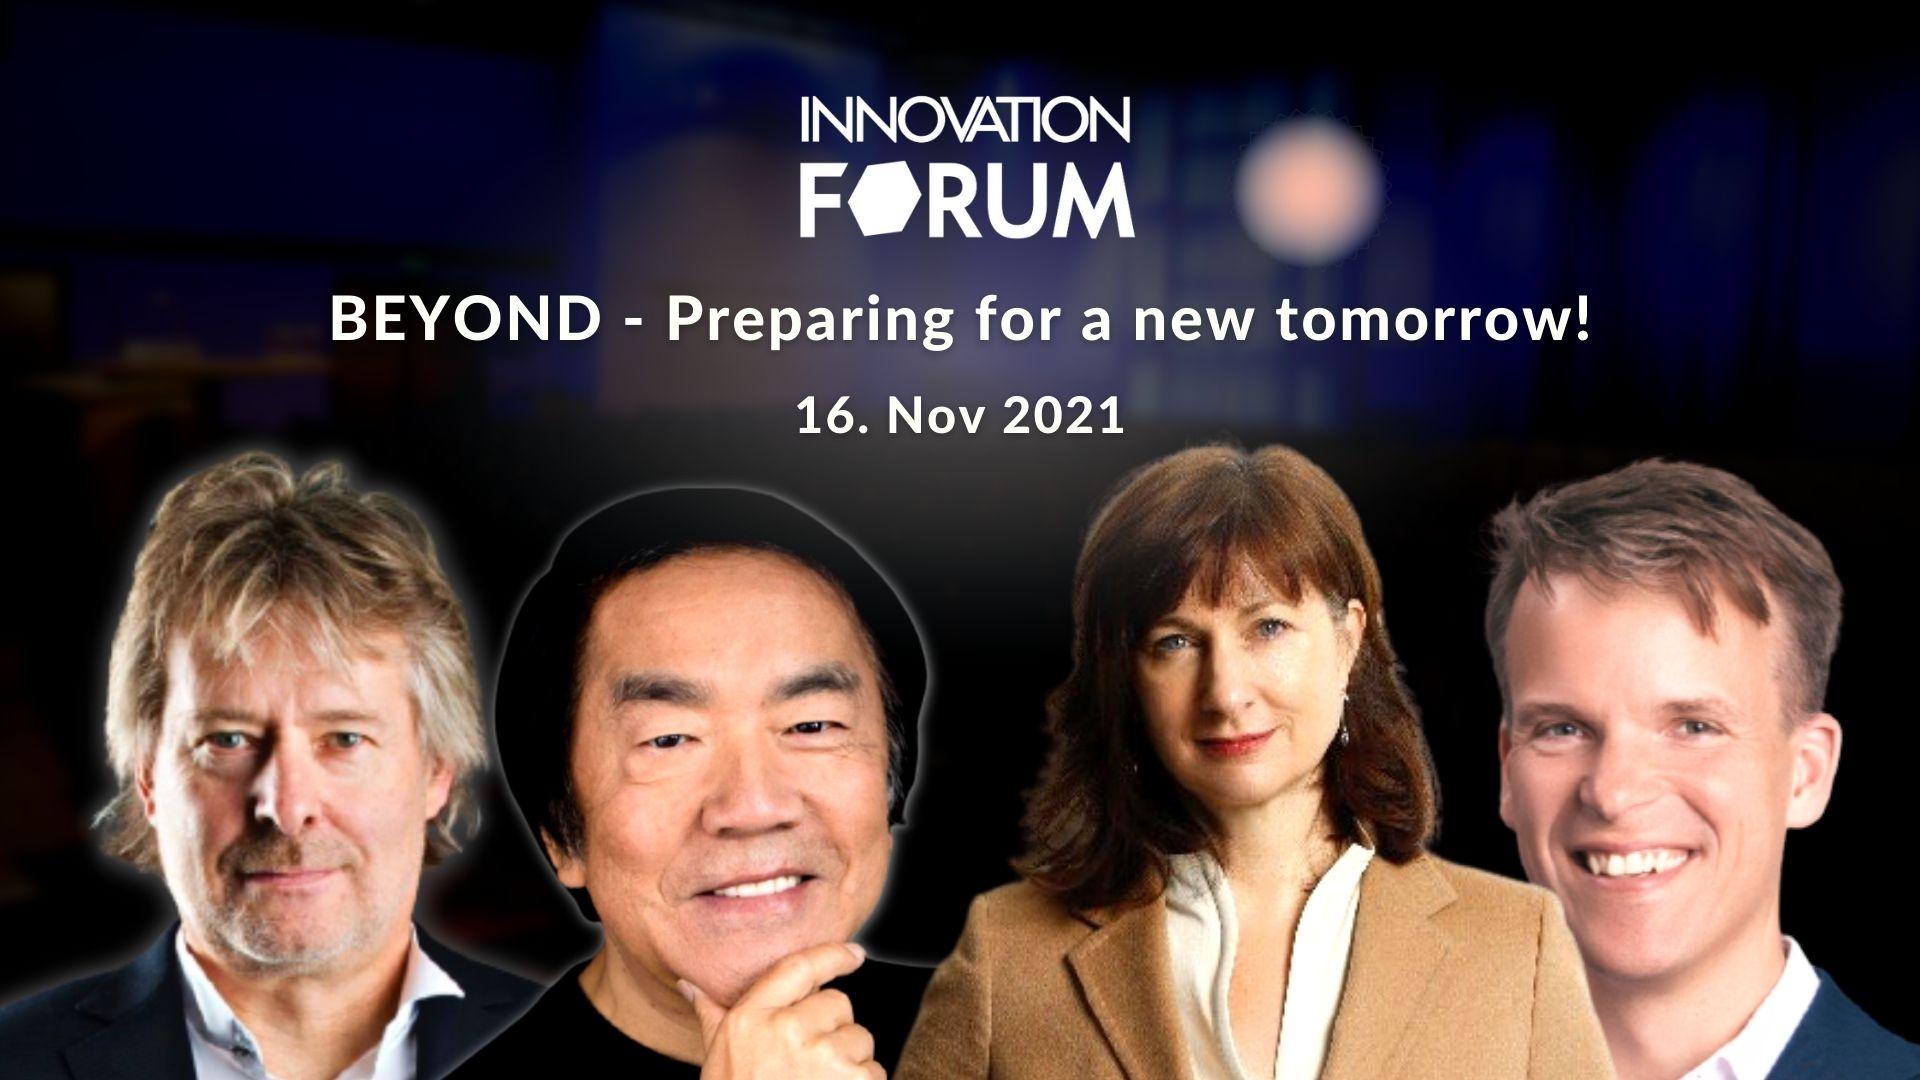 Innovation Forum 2021